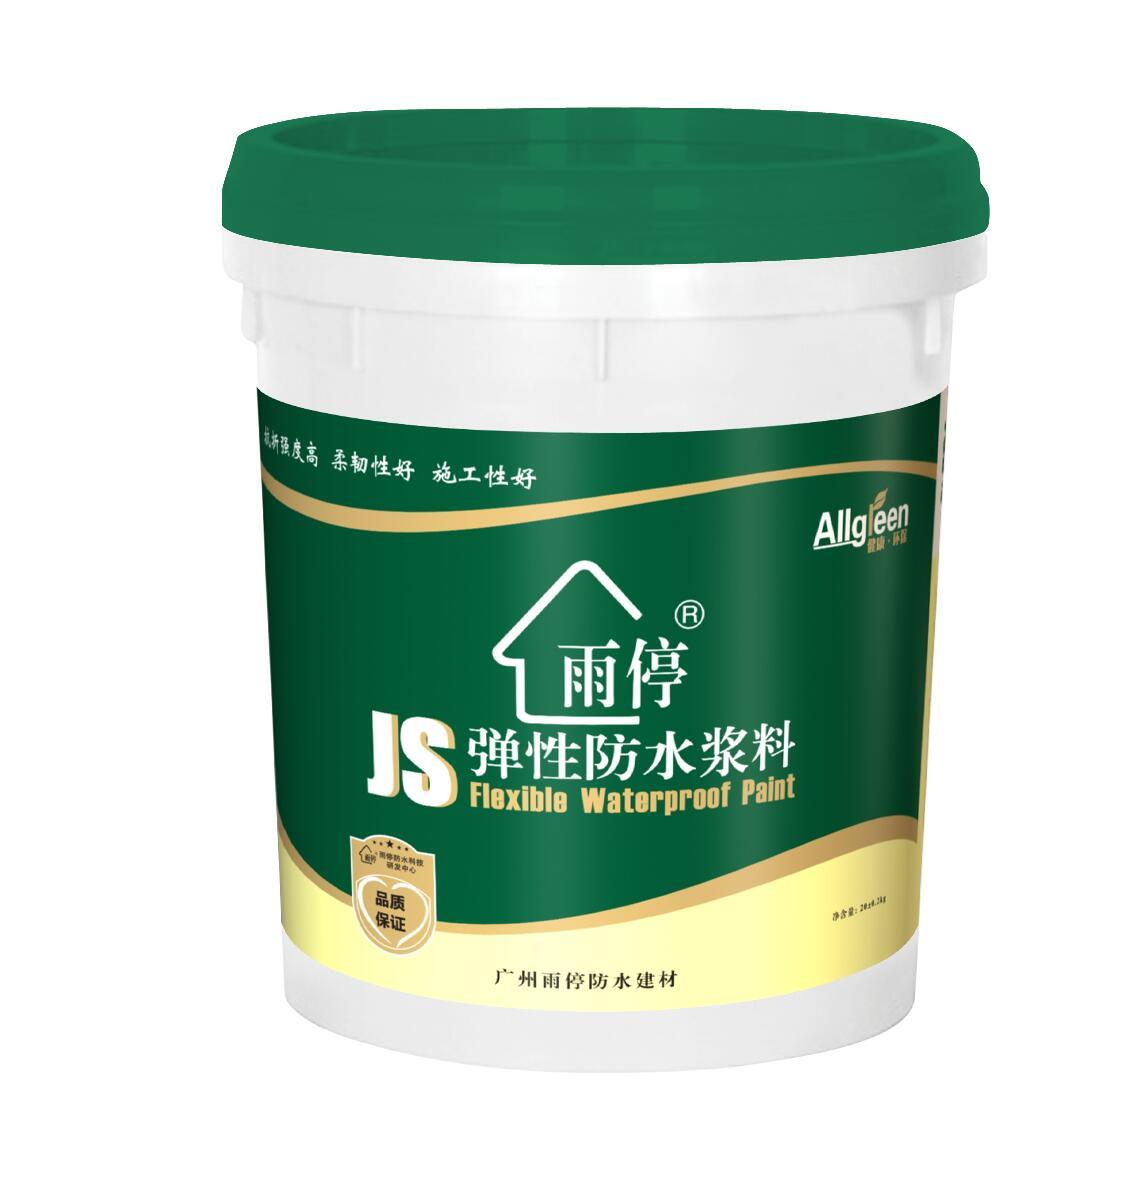 点击查看JS聚合物弹性防水浆料详细说明